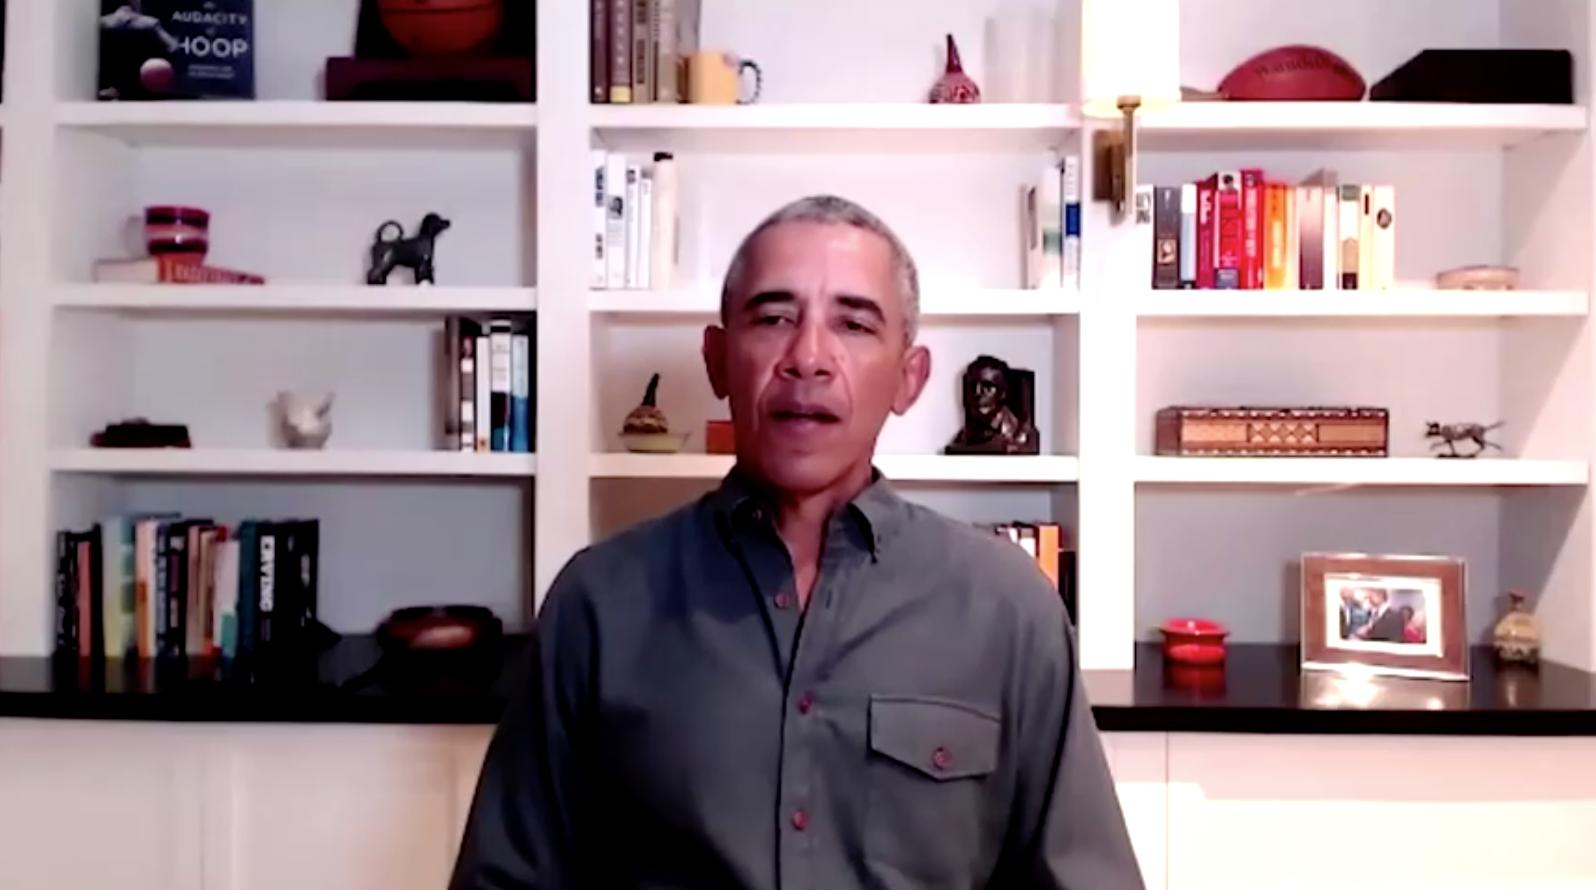 Cựu Tổng Thống Barack Obama tiến hành vận động tranh cử thay mặt ứng cử viên Tổng Thống Đảng Dân Chủ Joe Biden vào tuần tới